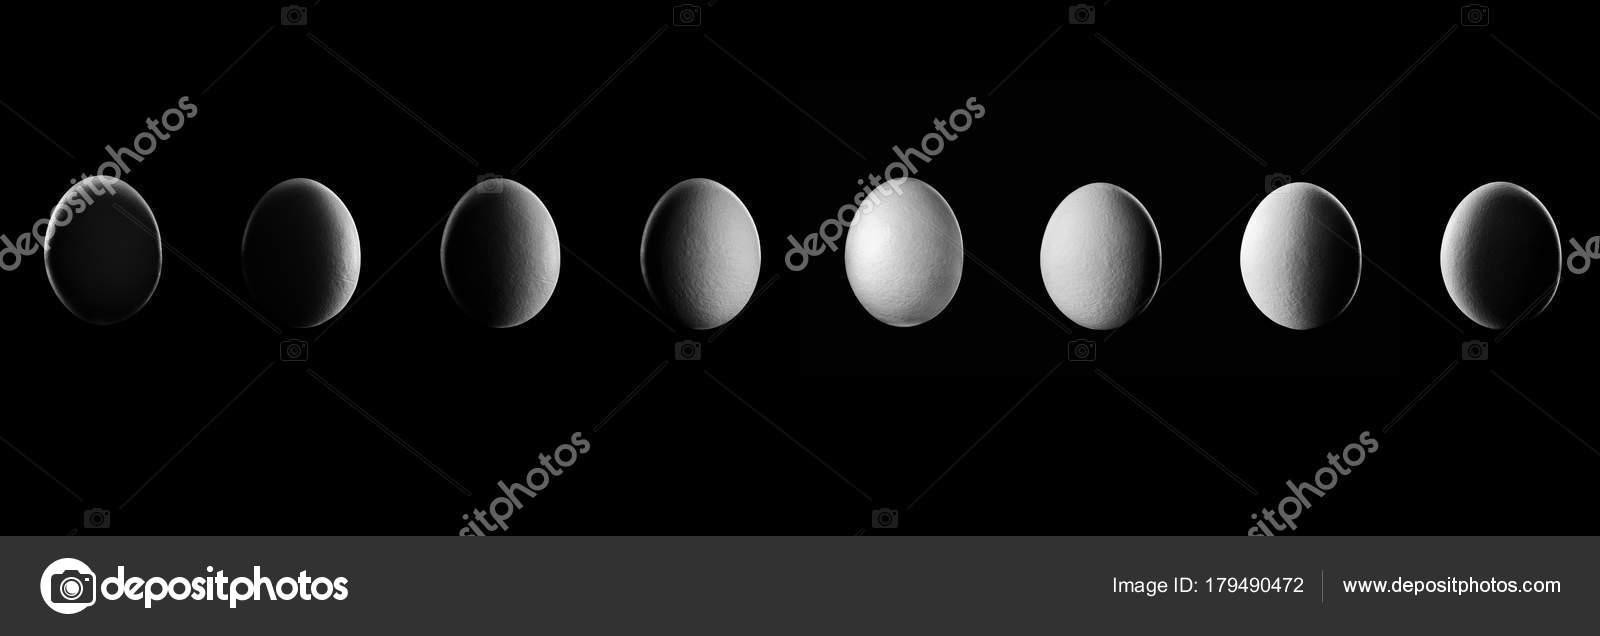 Cuarto menguante dibujo   Show de la fase de huevo de noche con ...